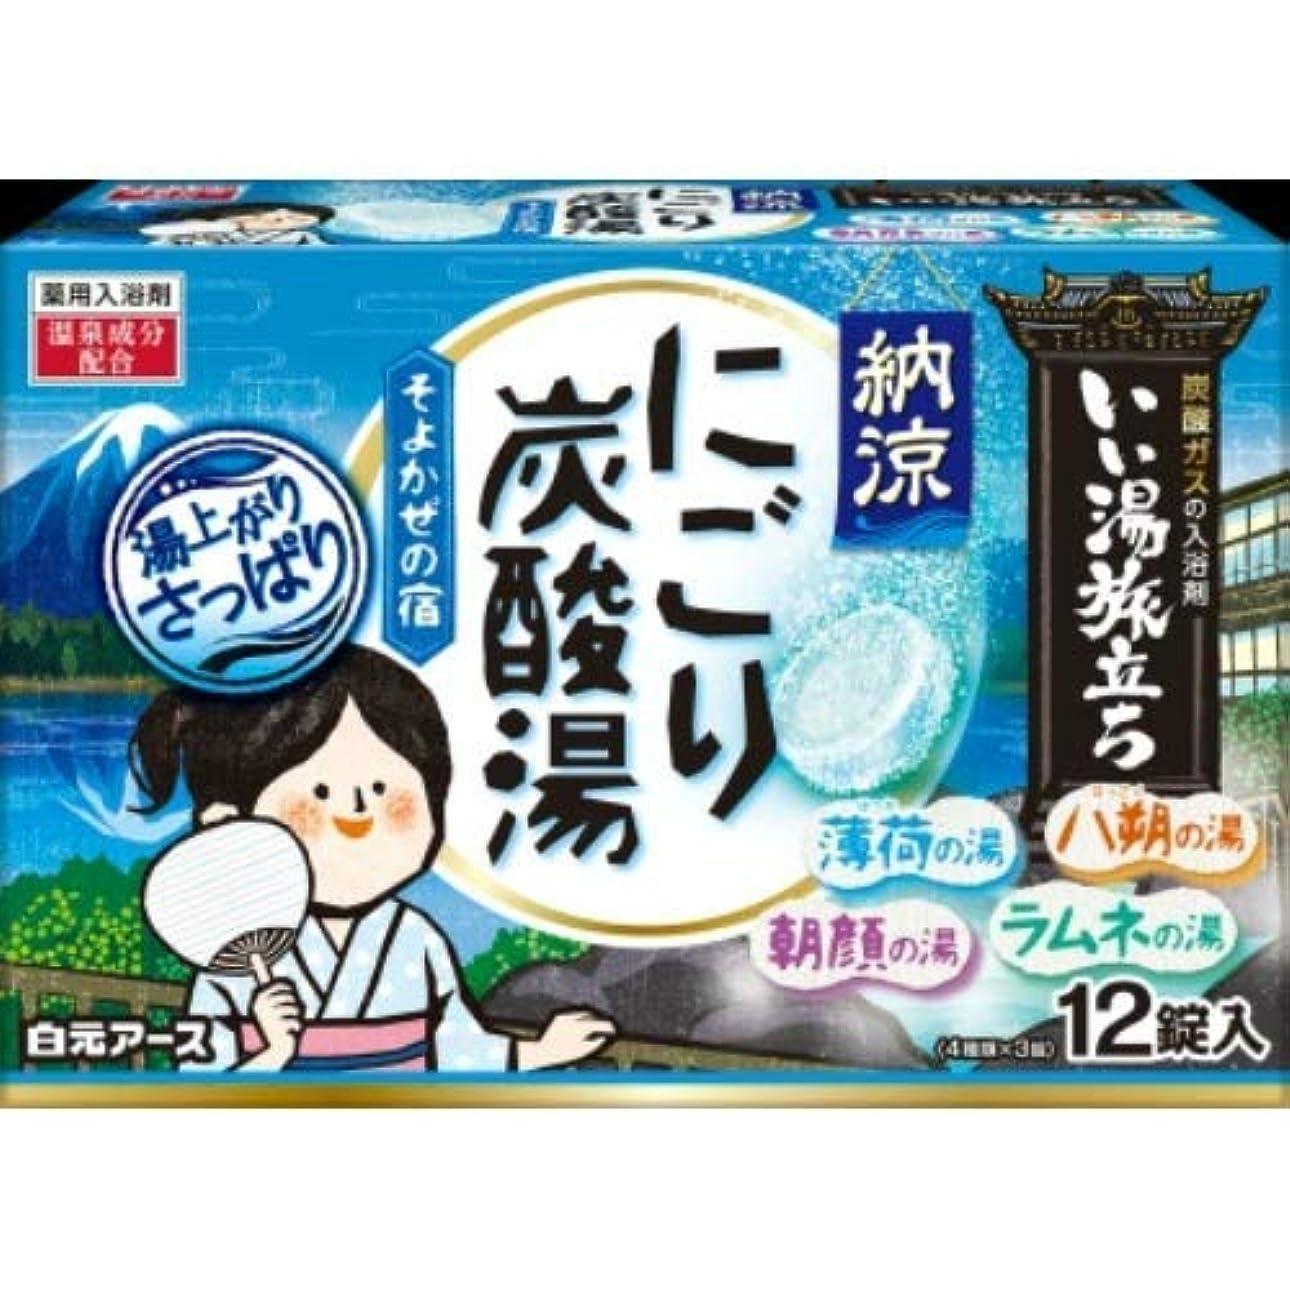 球状シャトルすすり泣きいい湯旅立ち 納涼にごり炭酸湯 そよかぜの宿 × 8個セット